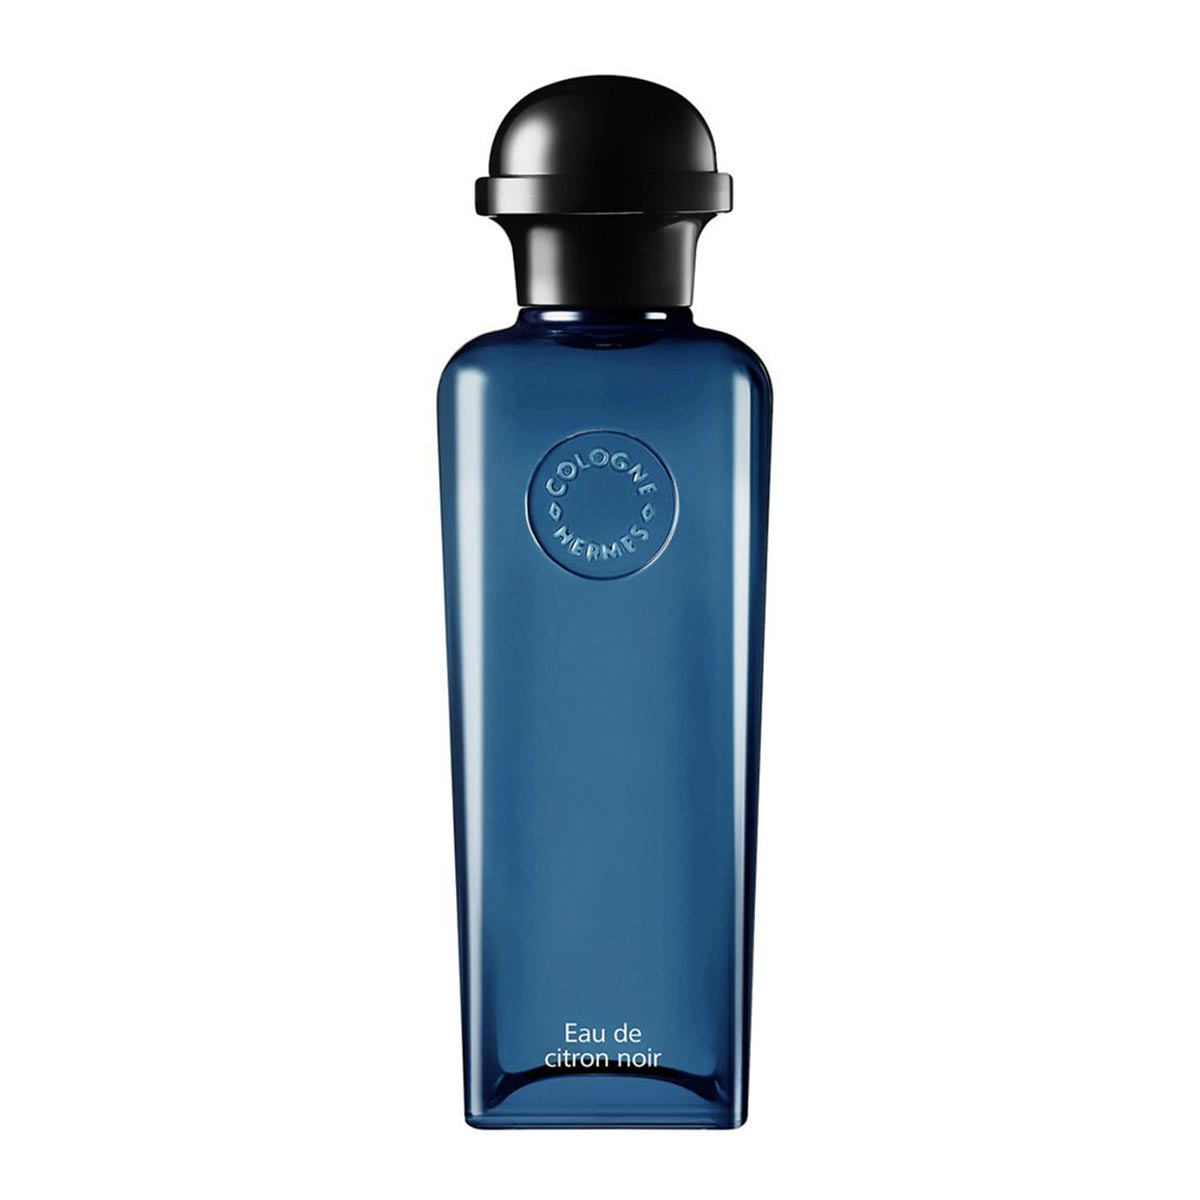 Hermes eau de citron noir eau de cologne 100ml vaporizador